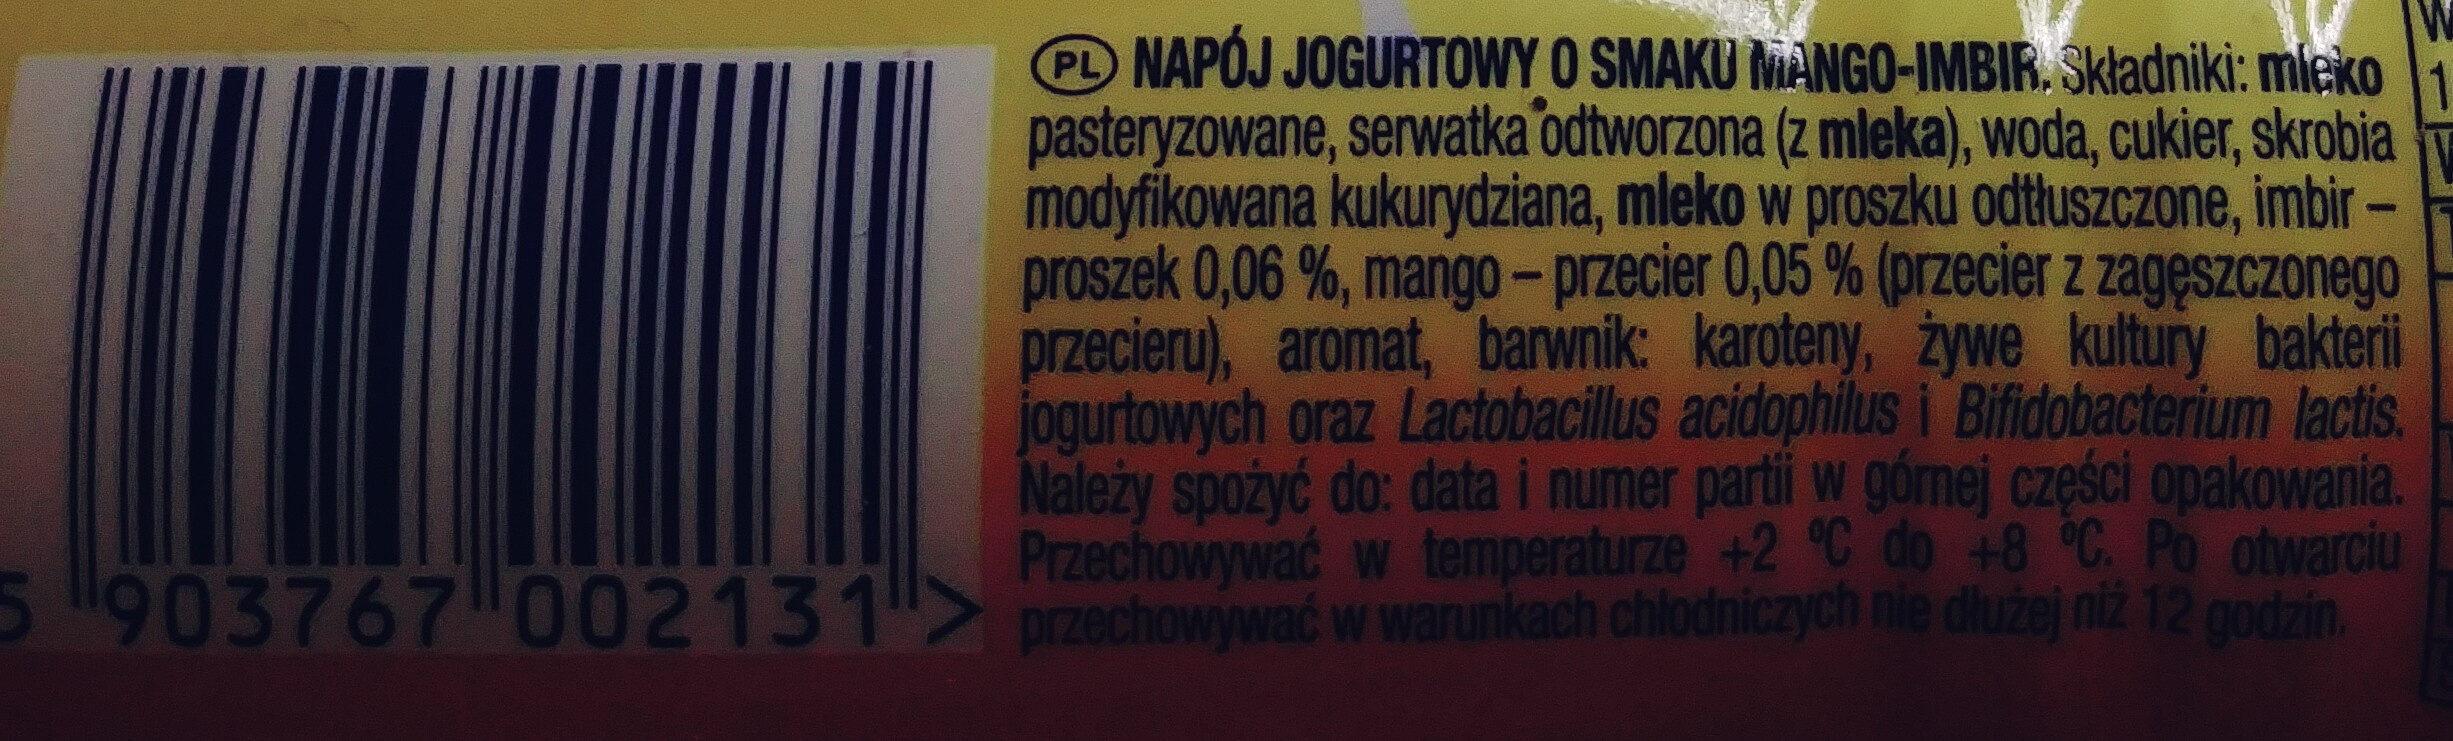 Napój jogurtowy o smaku mango-imbir - Składniki